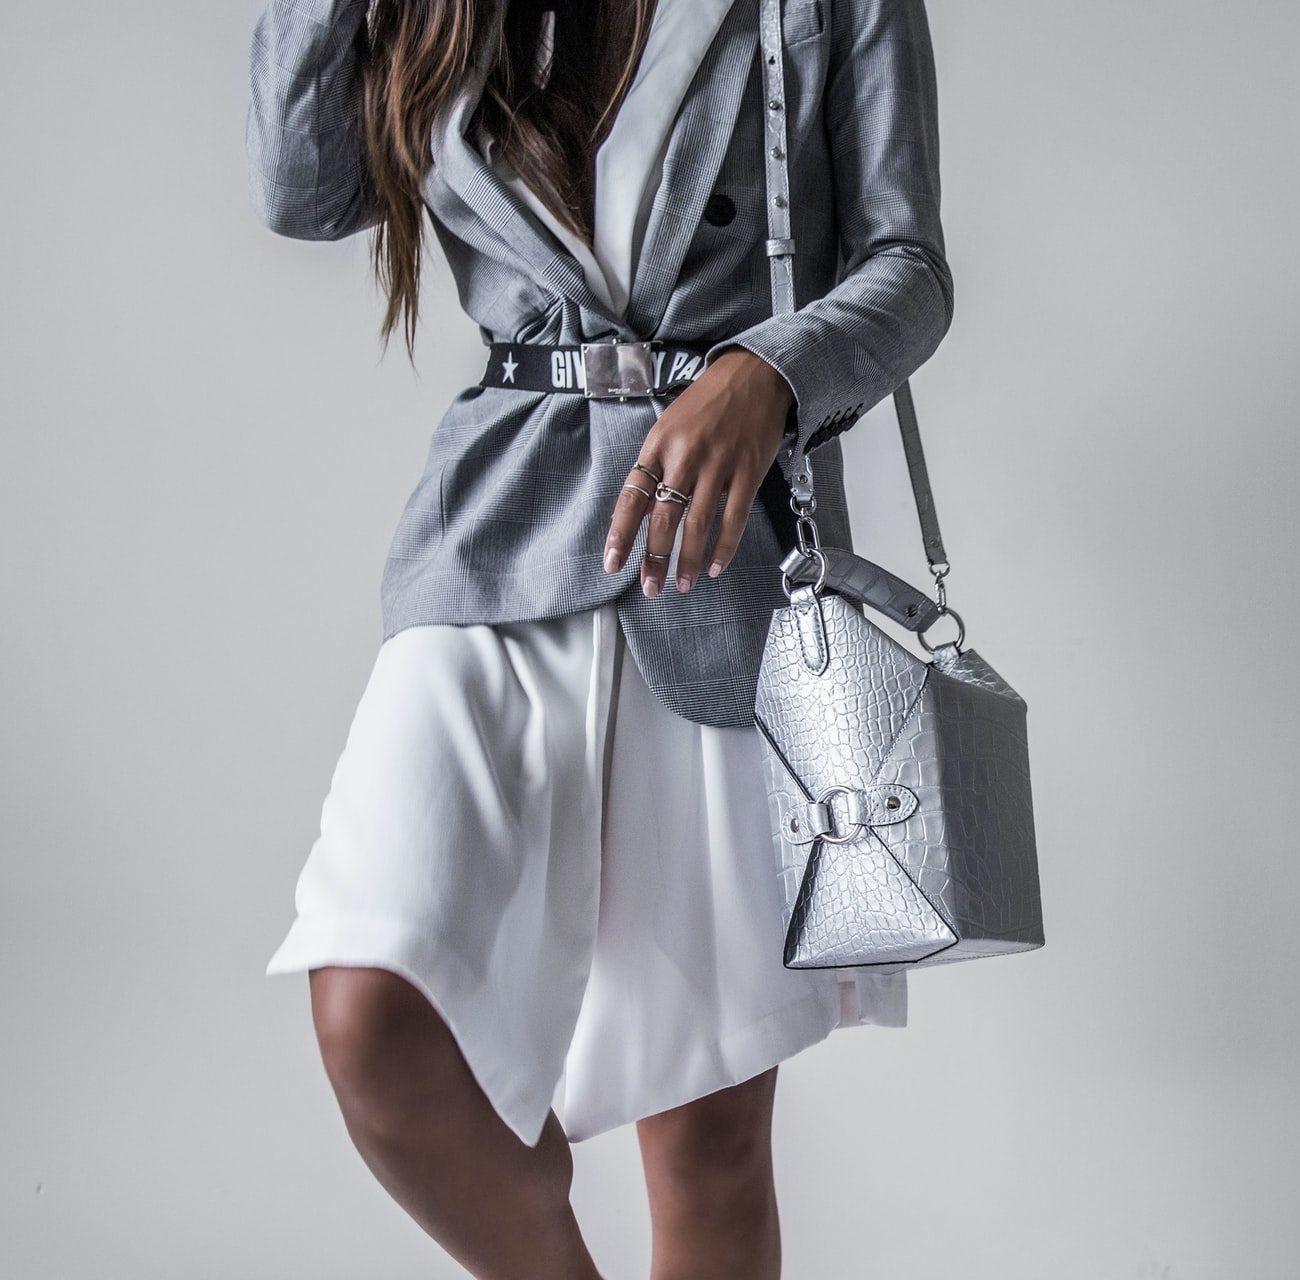 Welche Jacke Trage Ich Zum Kleid  Stilberatung Typberatung